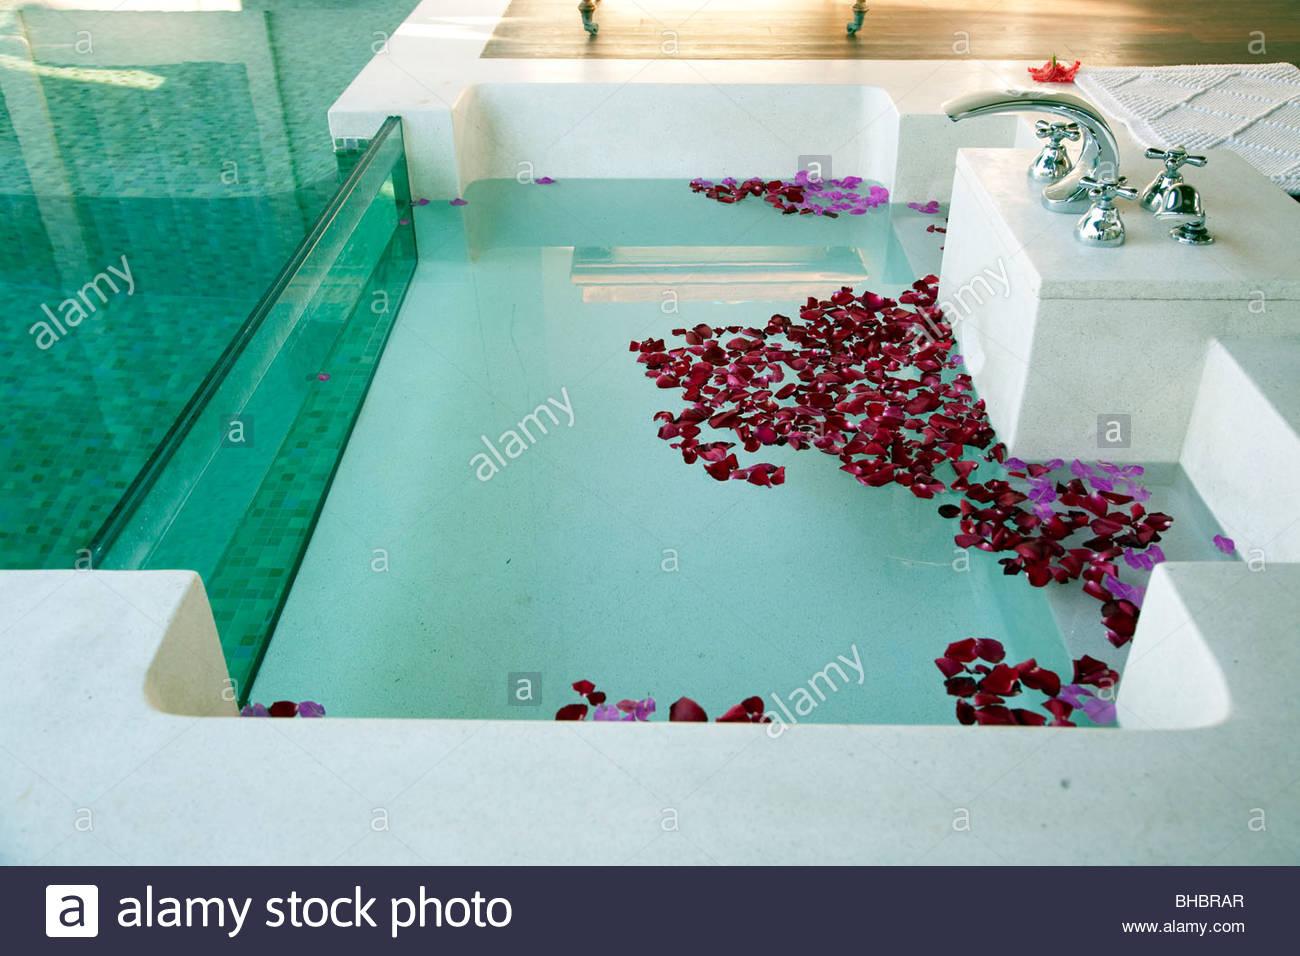 Indian Bath Stock Photos & Indian Bath Stock Images - Alamy